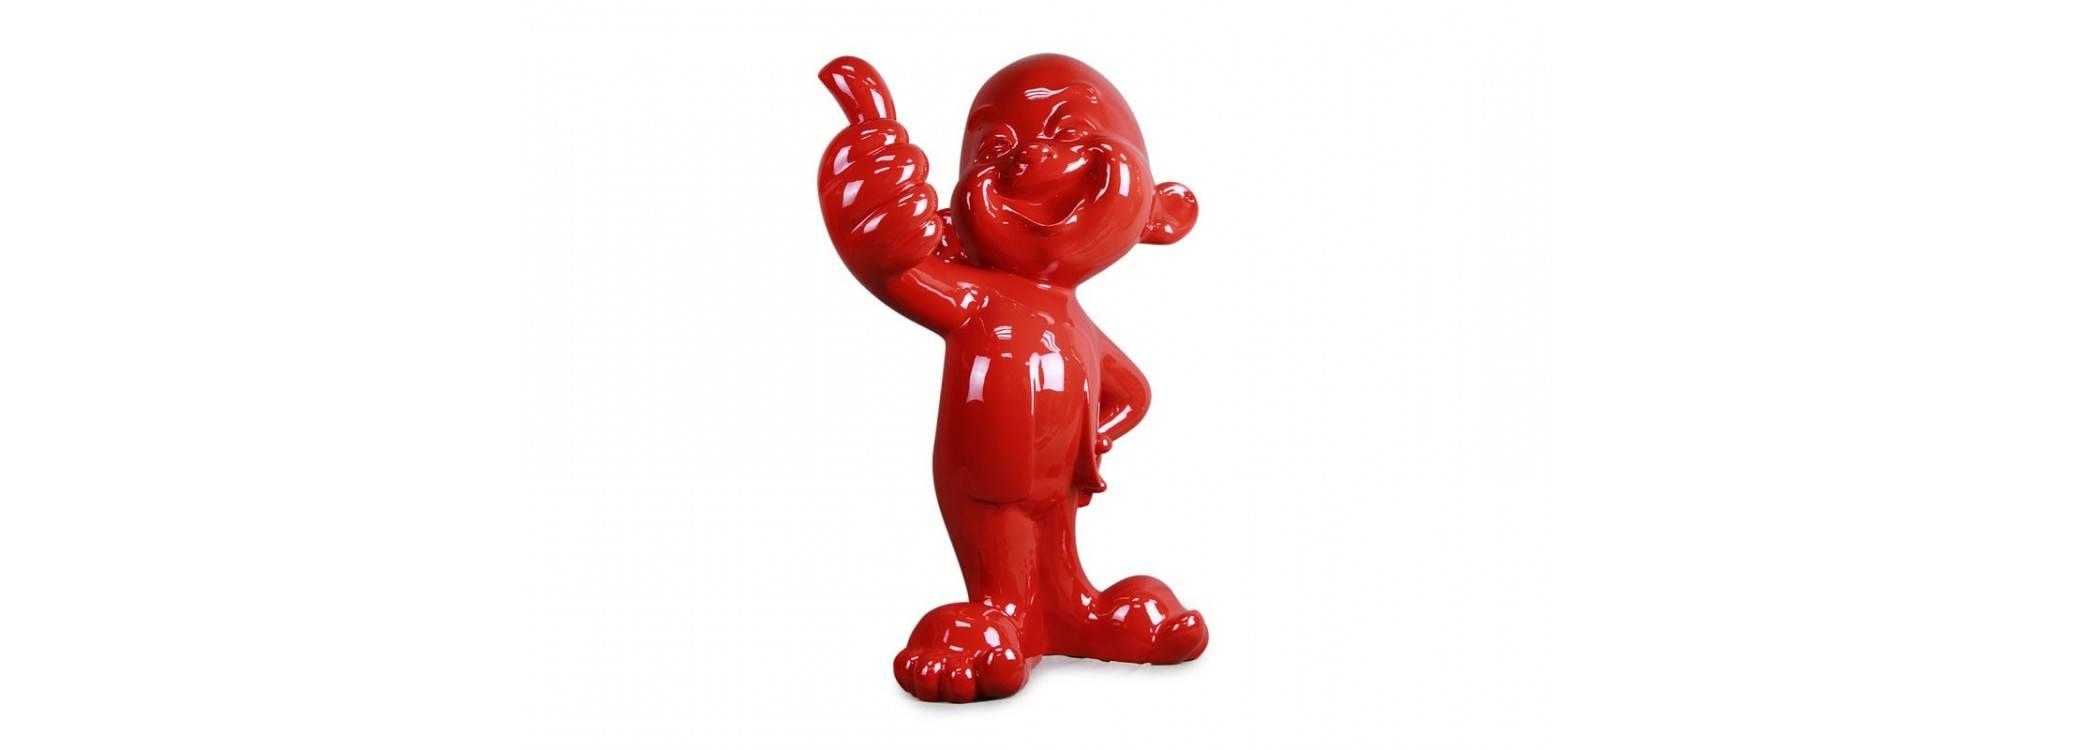 Grande statue rouge d'un bébé au sourire, le pouce levé - H80 cm